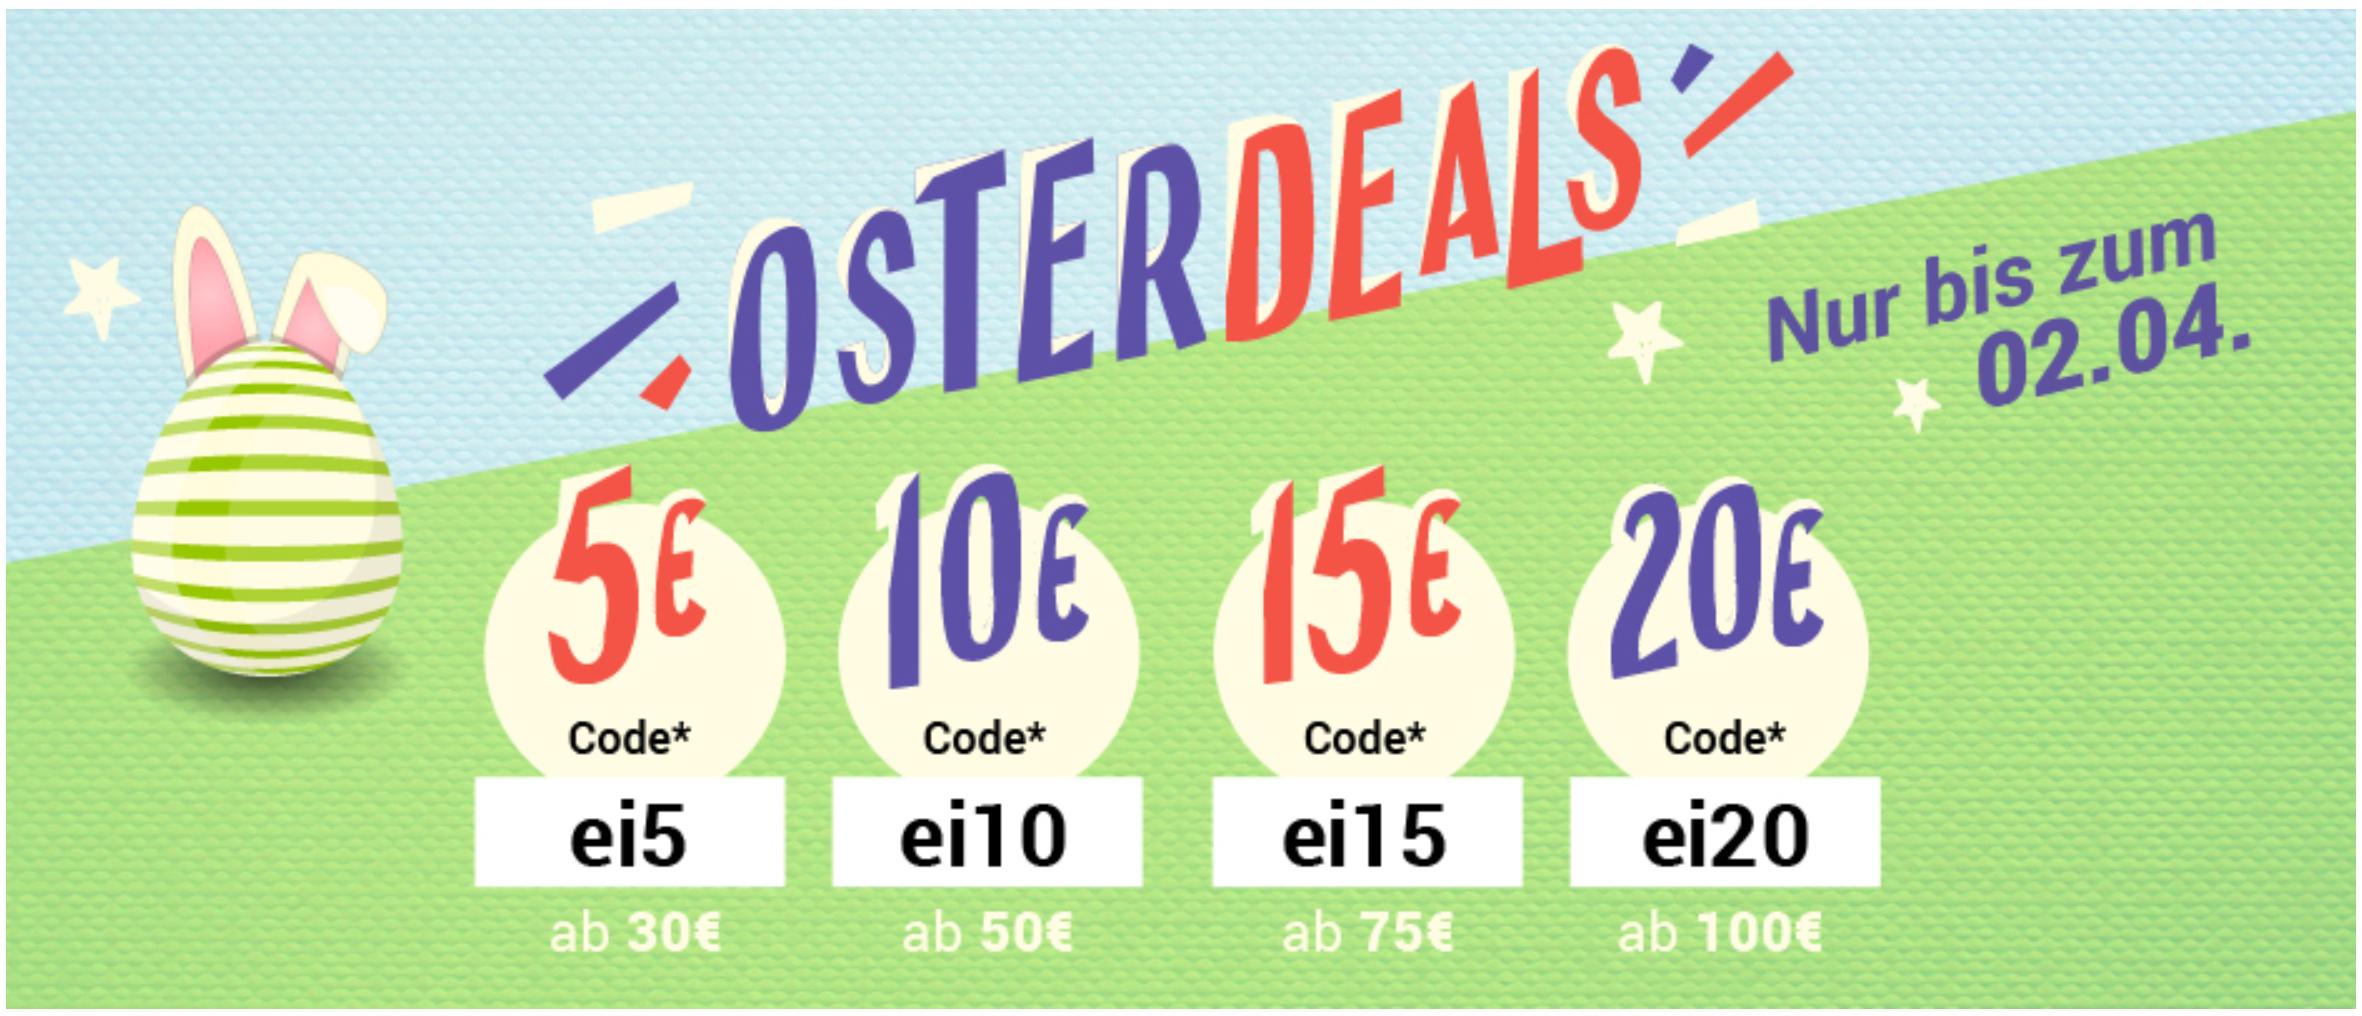 medimops Oster Deals